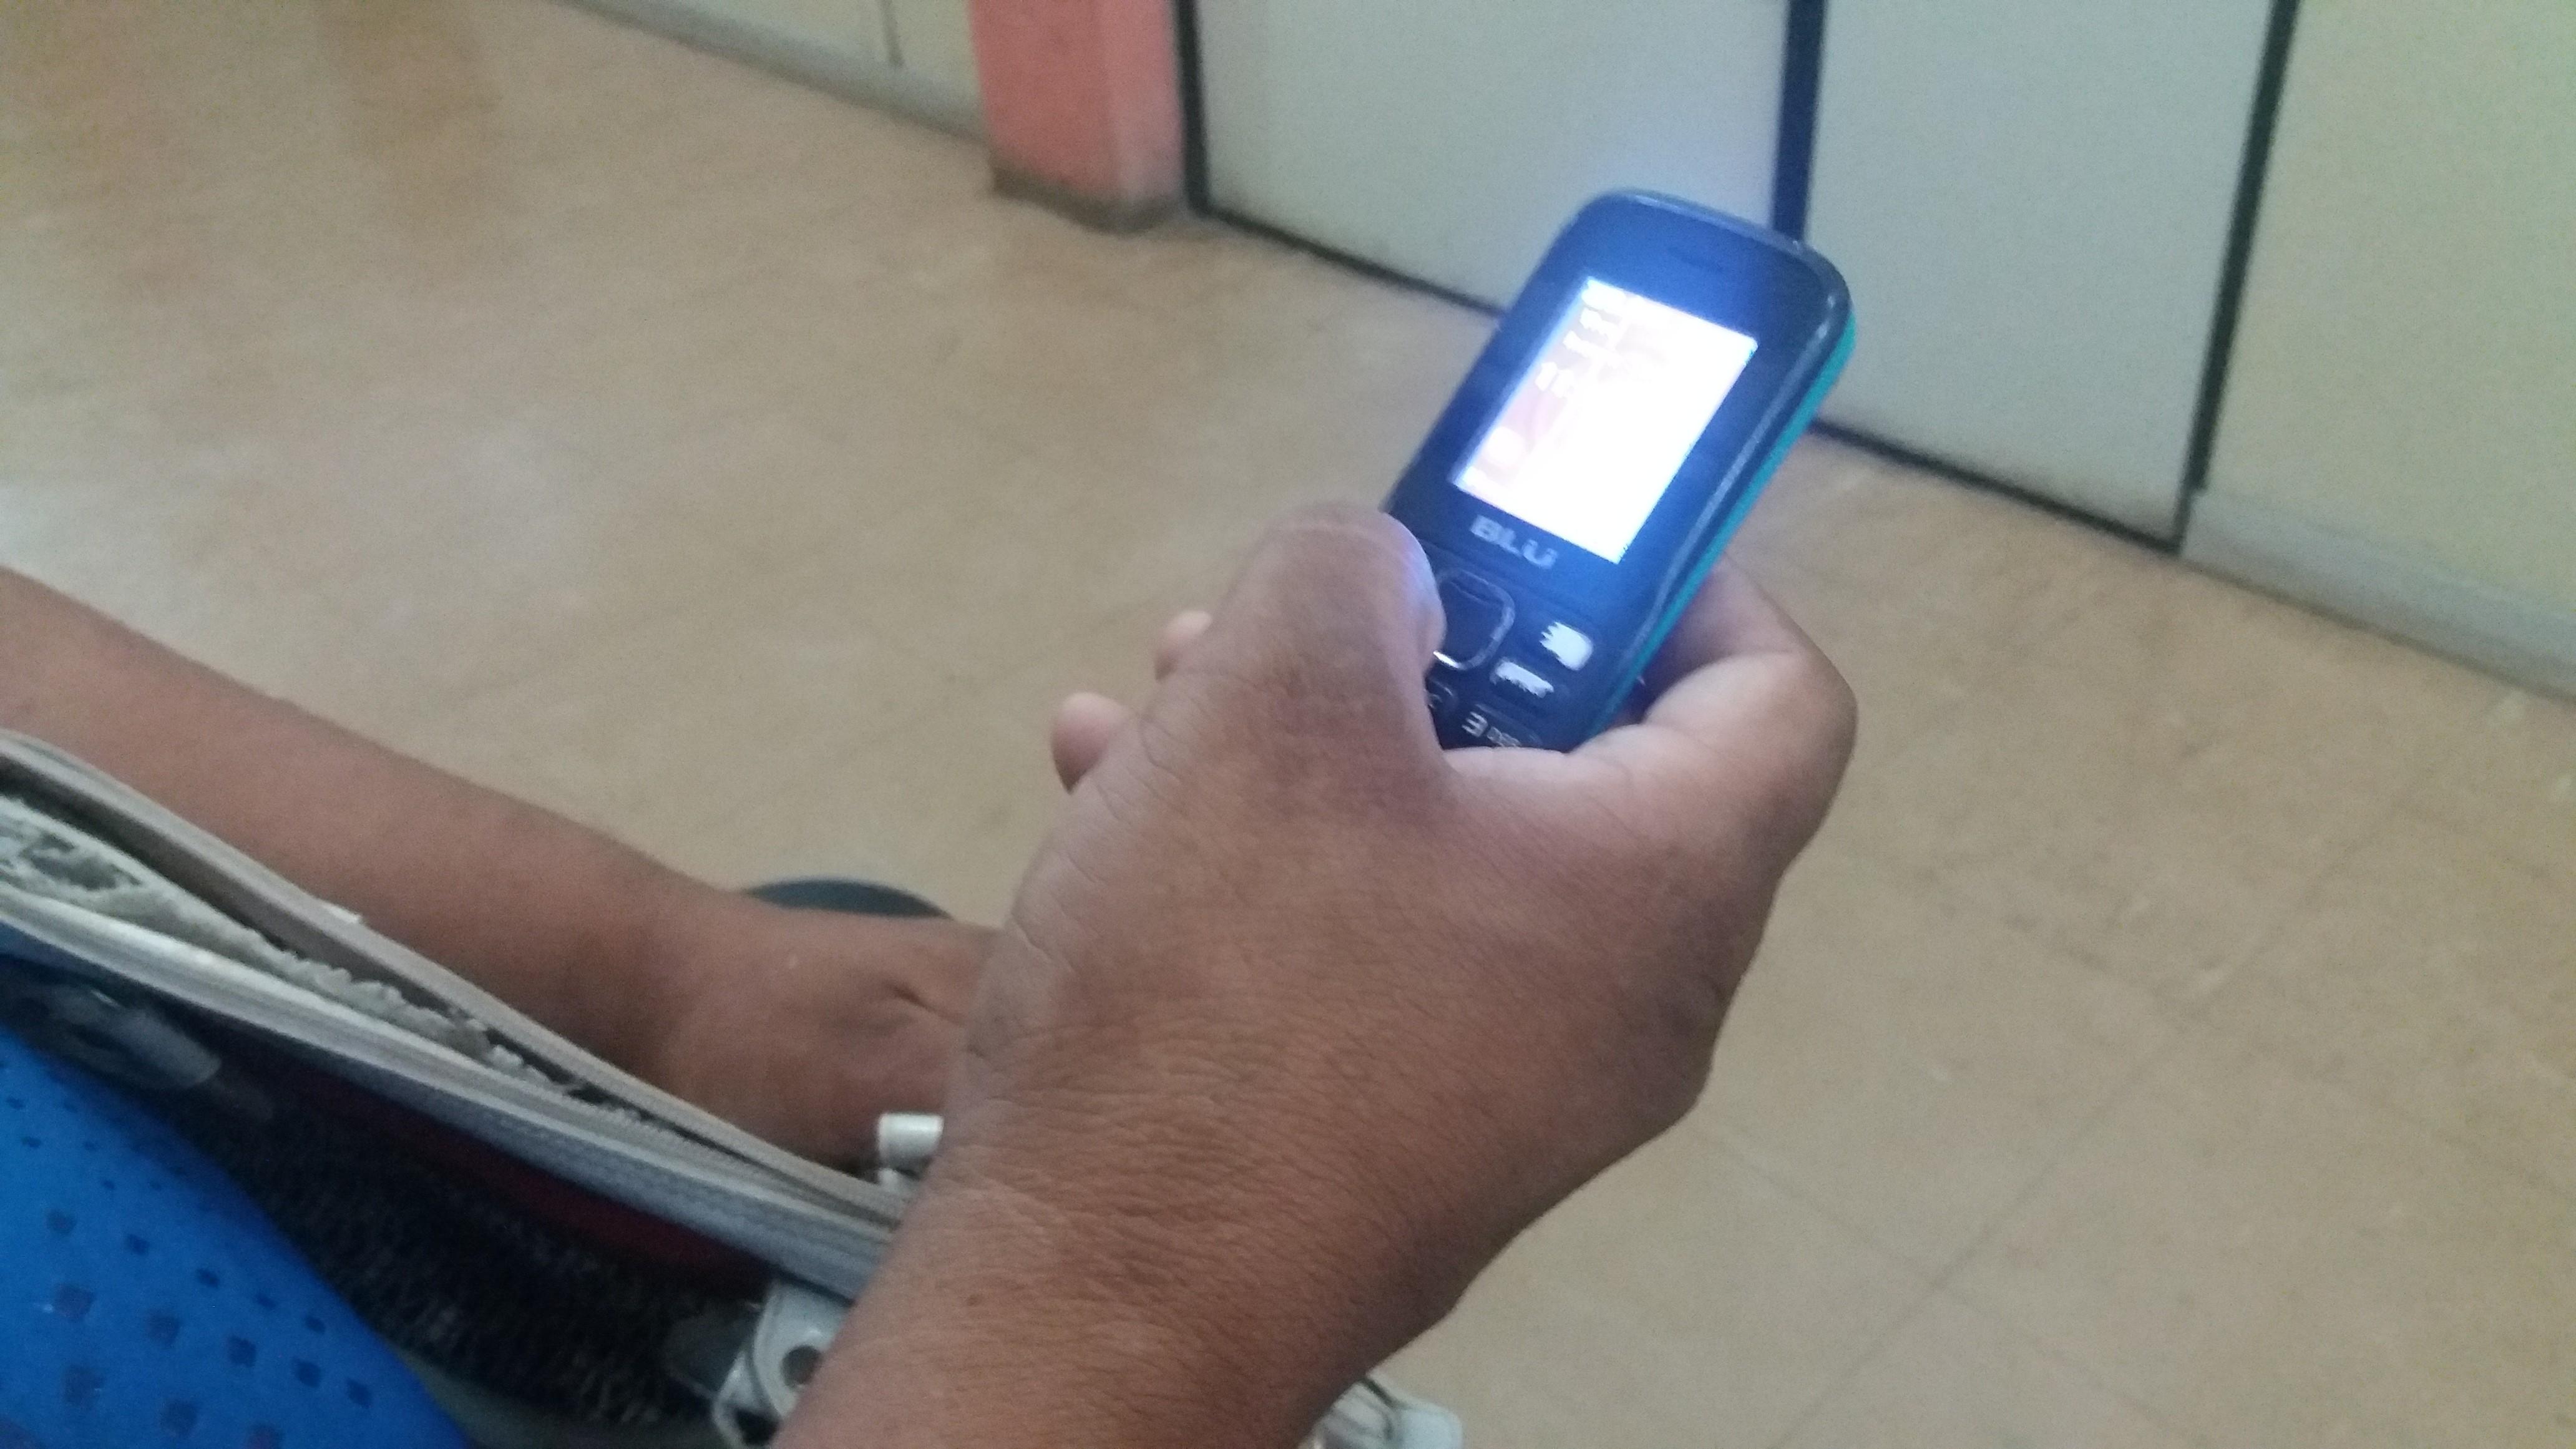 Criminosos se passam por funcionários da Emater e aplicam golpes em agricultores no RN